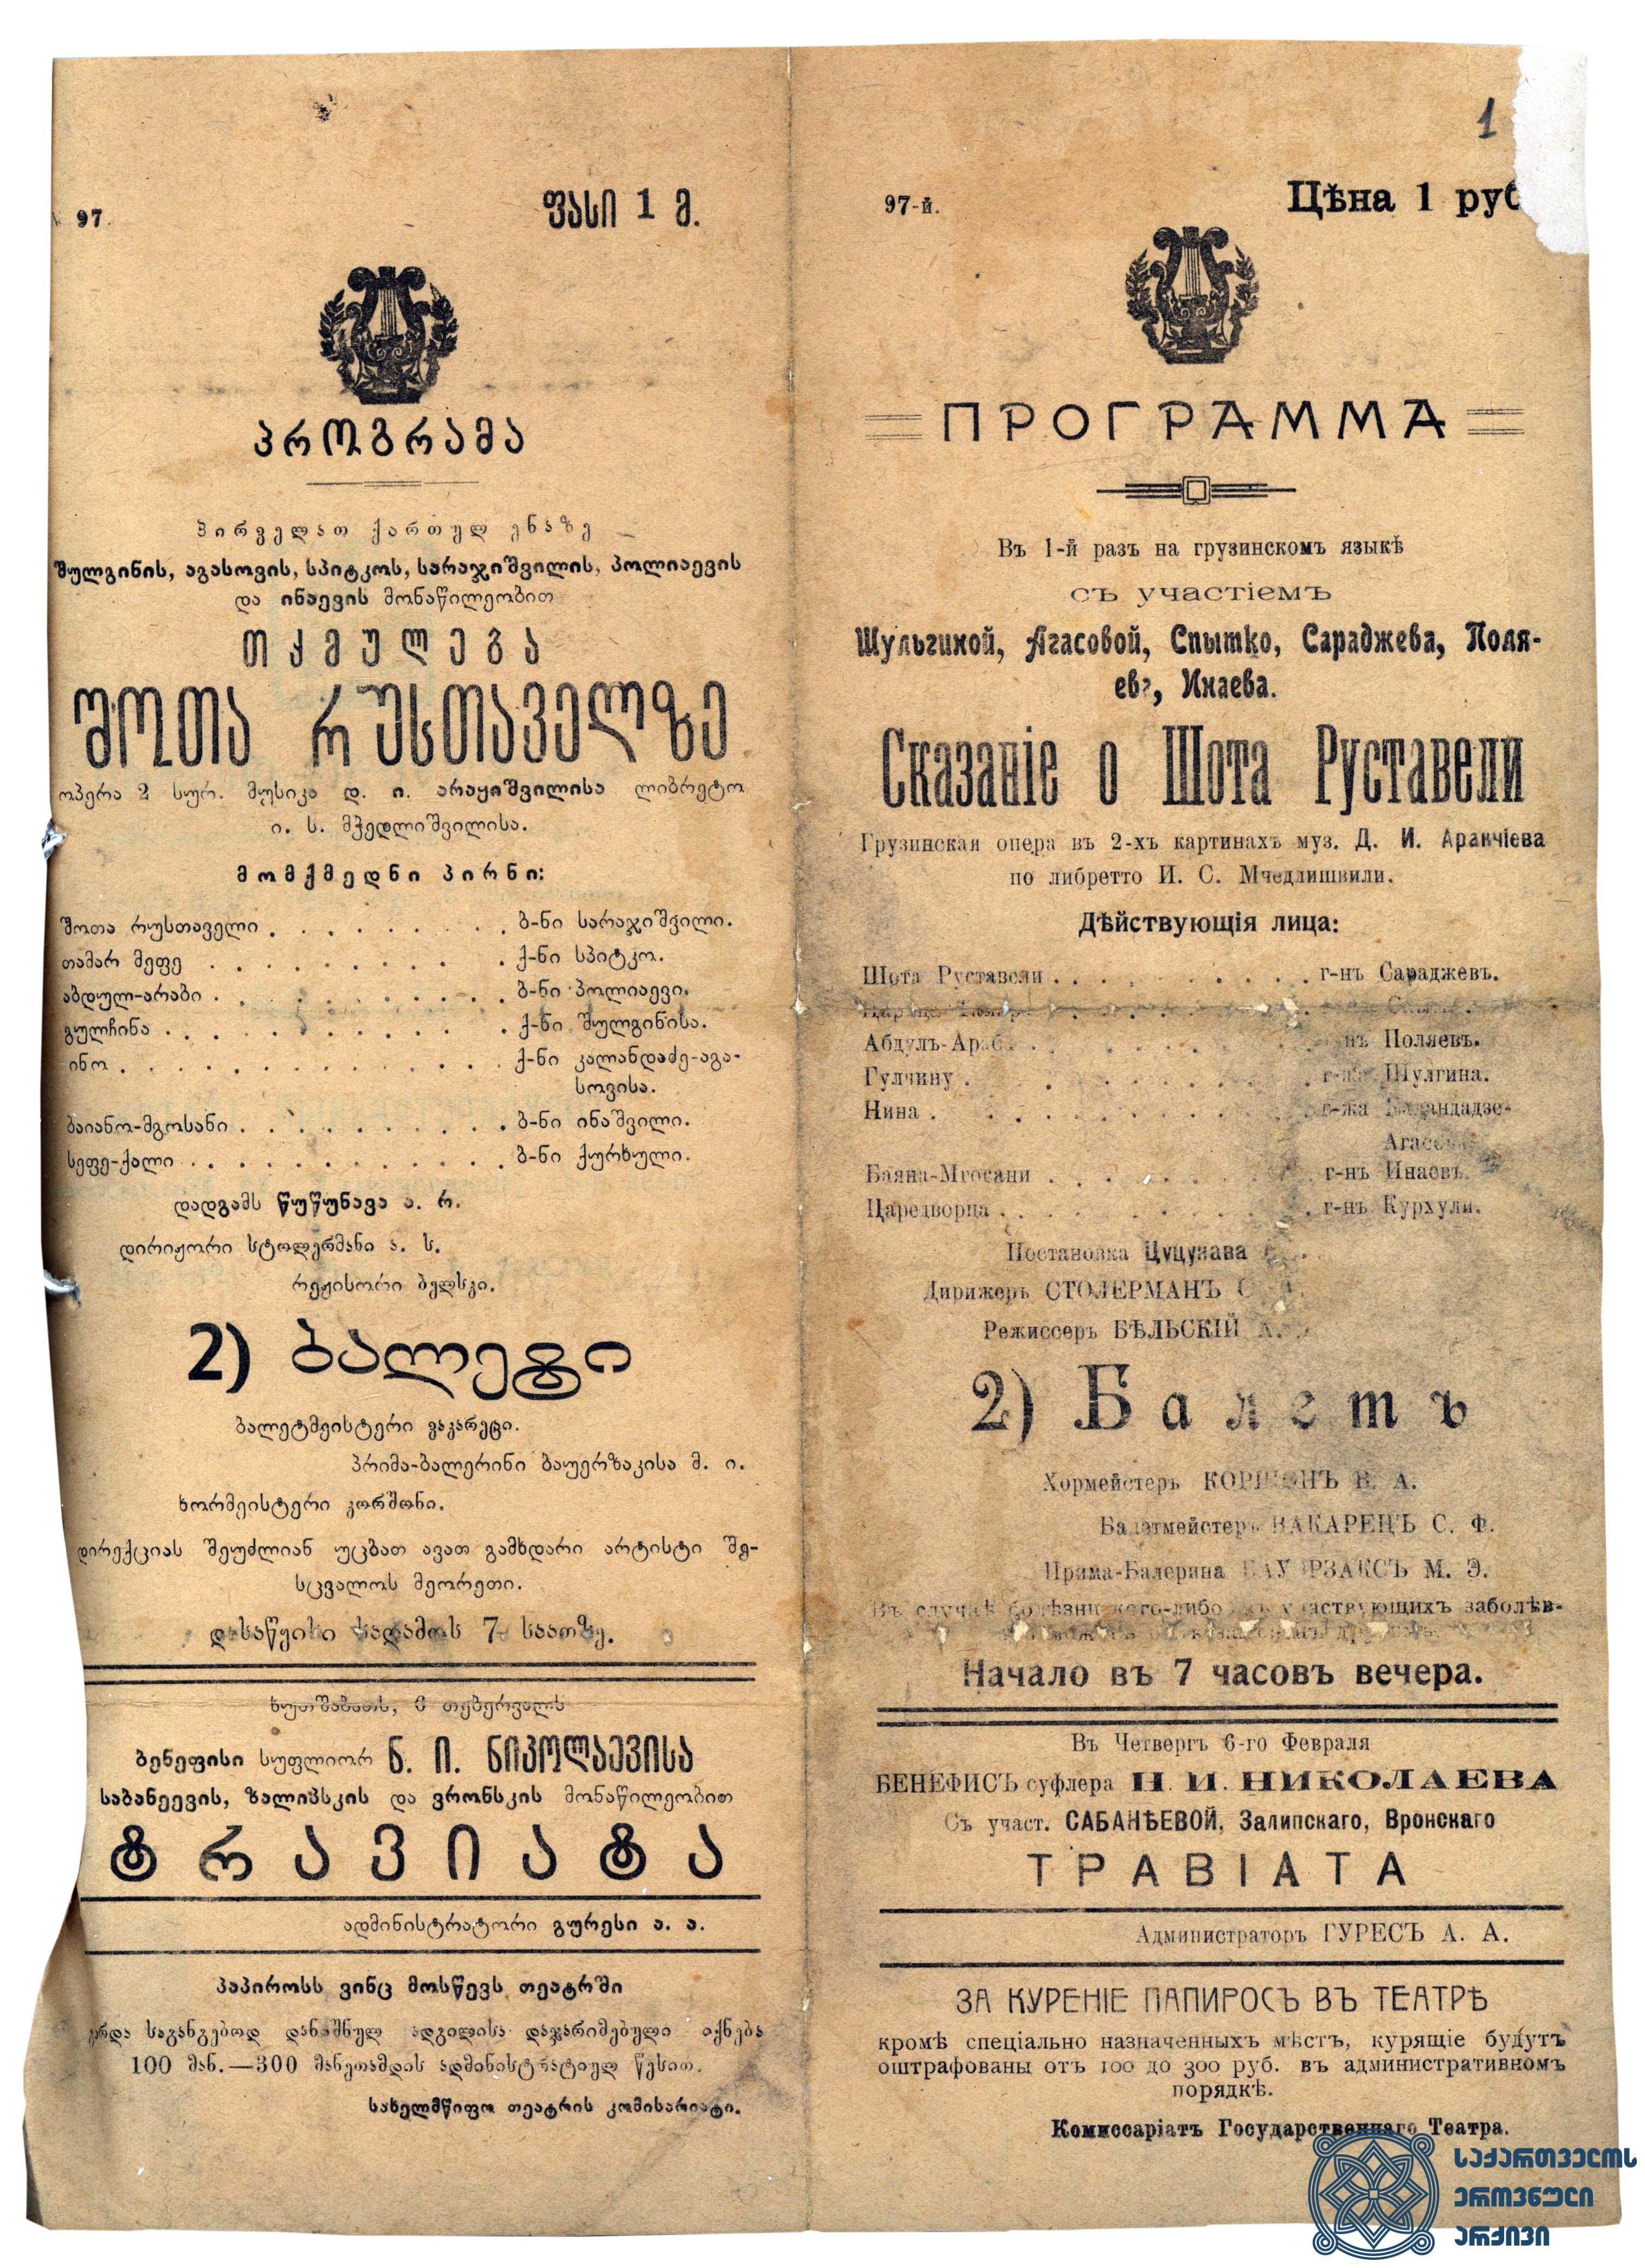 """ოპერა """"თქმულება შოთა რუსთაველზე"""". ალექსანდრე წუწუნავას დადგმა.<br> 1920 წელი.<br> The opera """"Legend on Shota Rustaveli"""". Alexander Tsutsunava's staging.<br> 1920."""